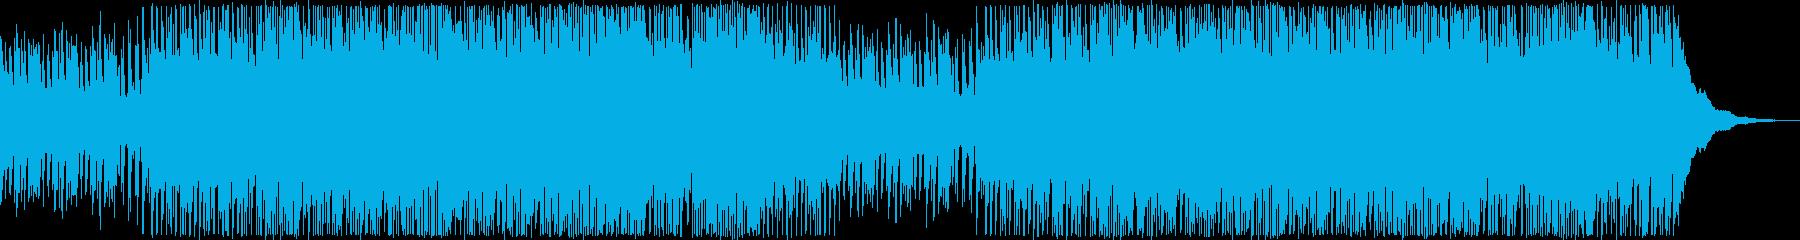 疾走感のあるアコギとピアノのポップロックの再生済みの波形